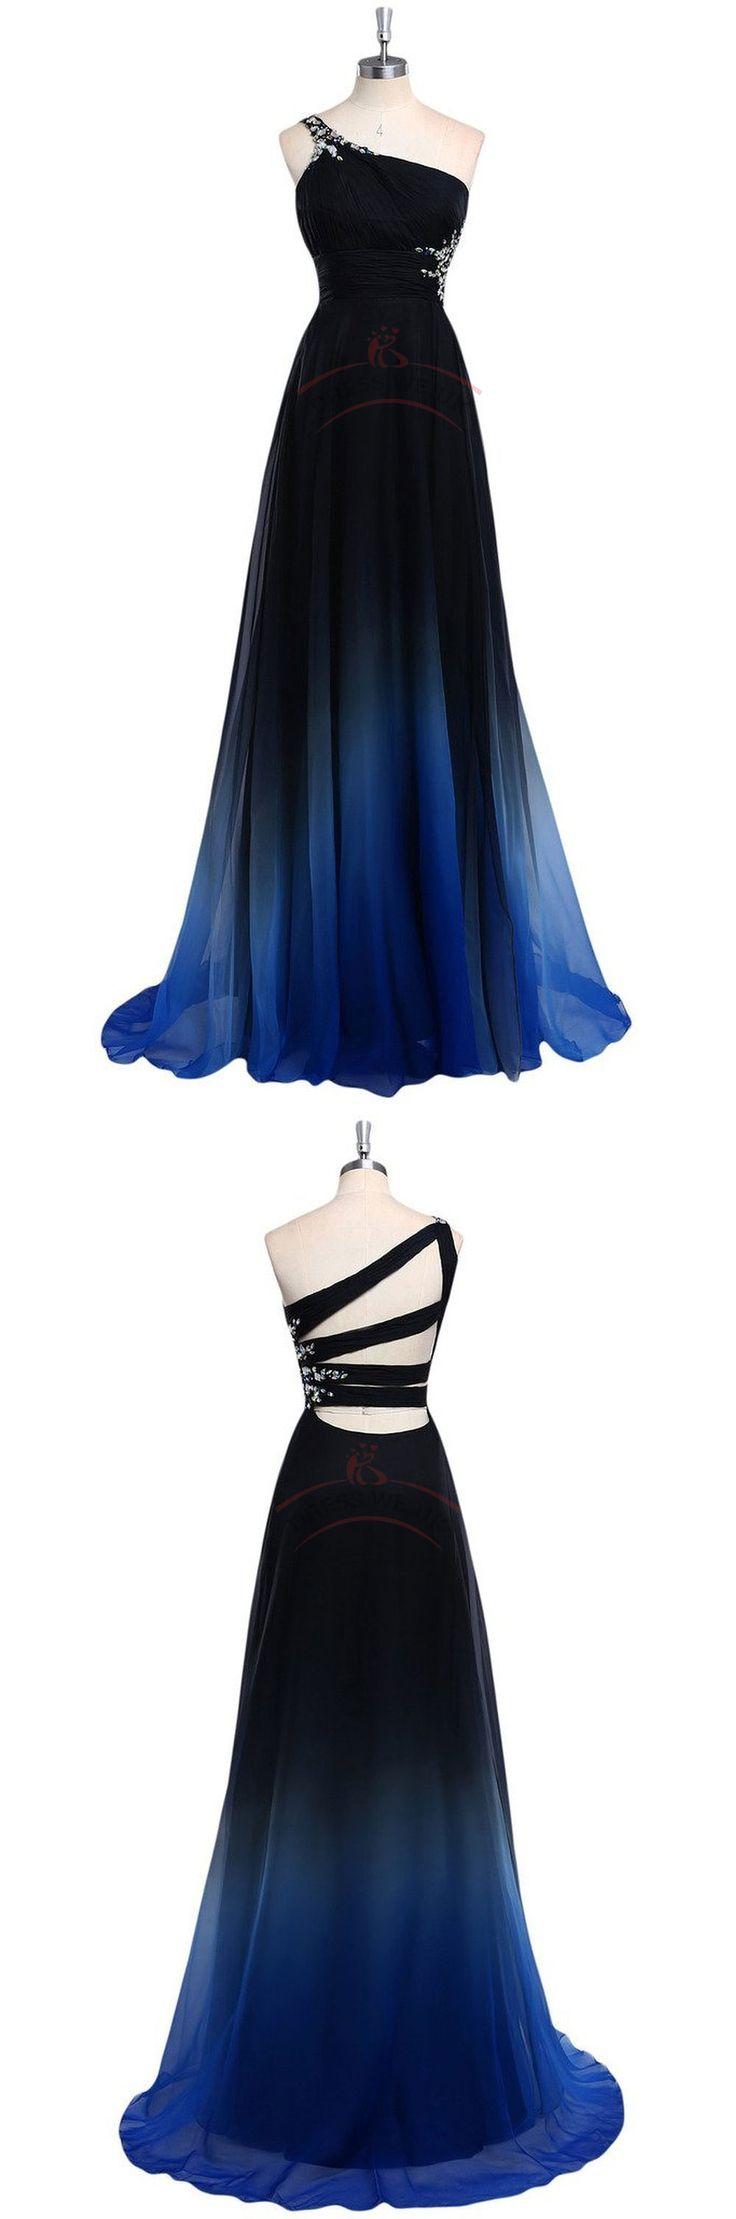 Gorgeous One-Shoulder Prom Dresses,Gradient Color Prom Dresses,Beading Prom Dresses,Ball Gown Prom Dresses